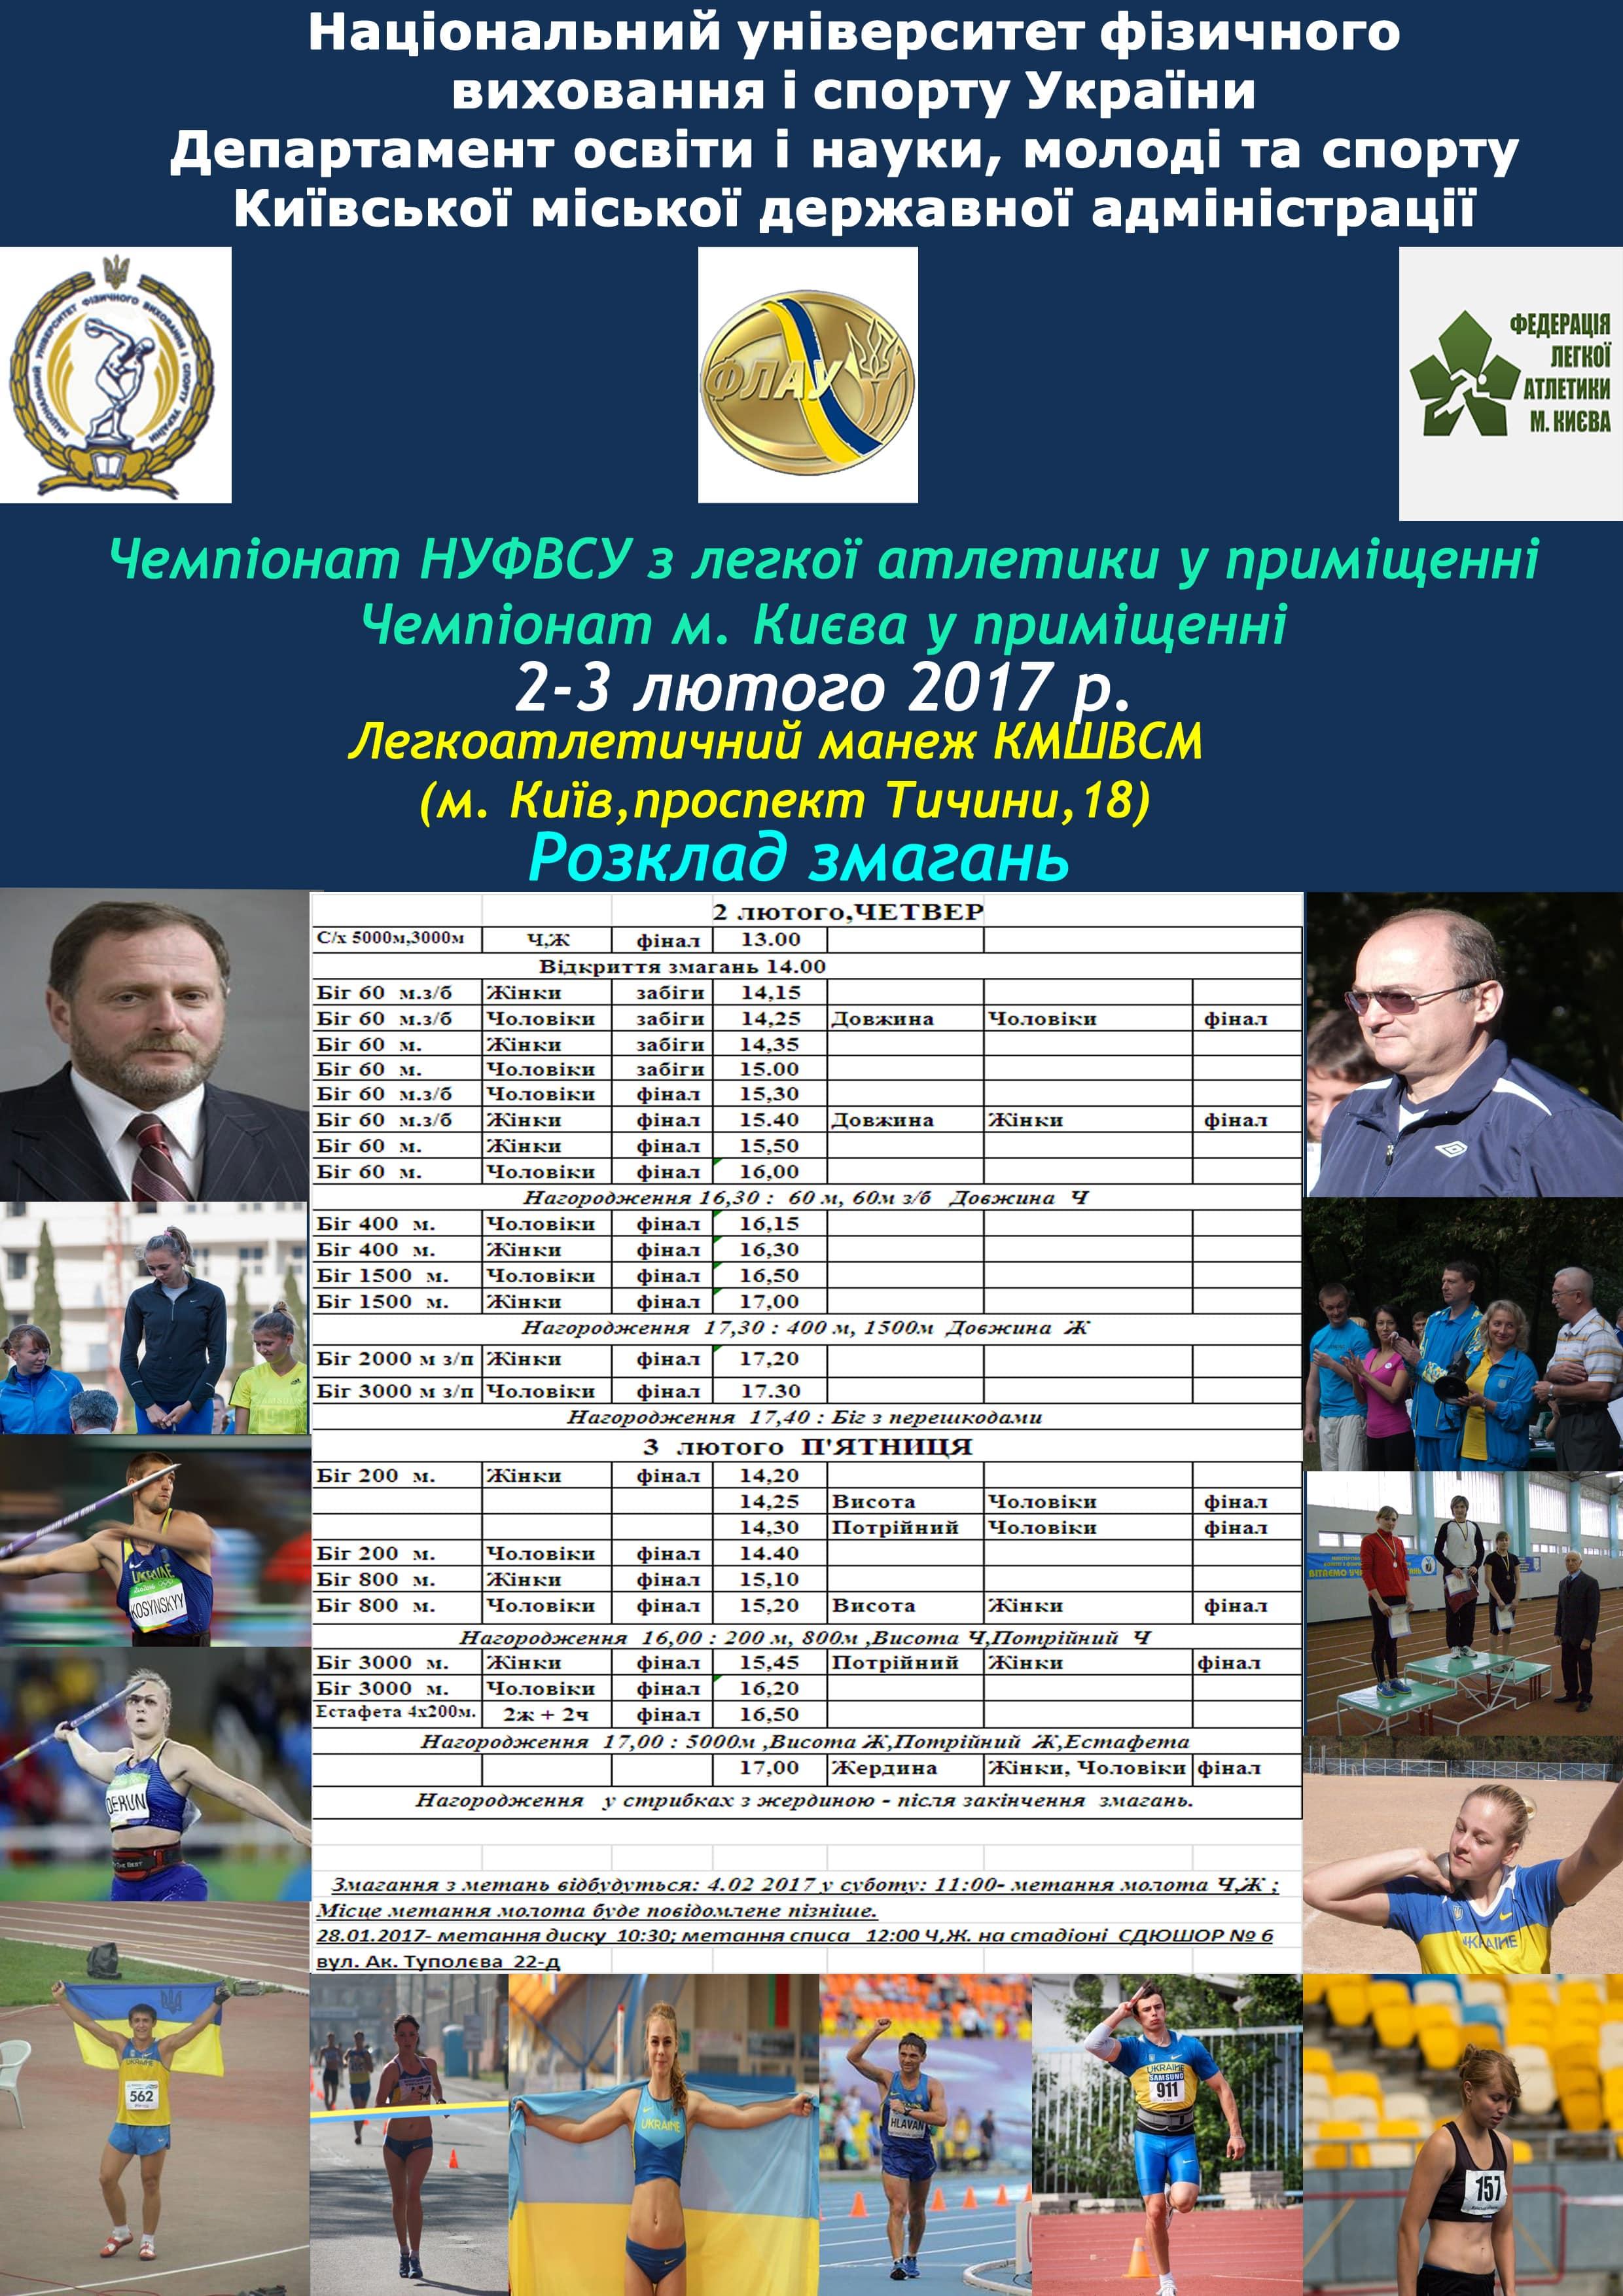 Чемпіонат Національного університету фізичного виховання і спорту України з легкої атлетики у приміщенні